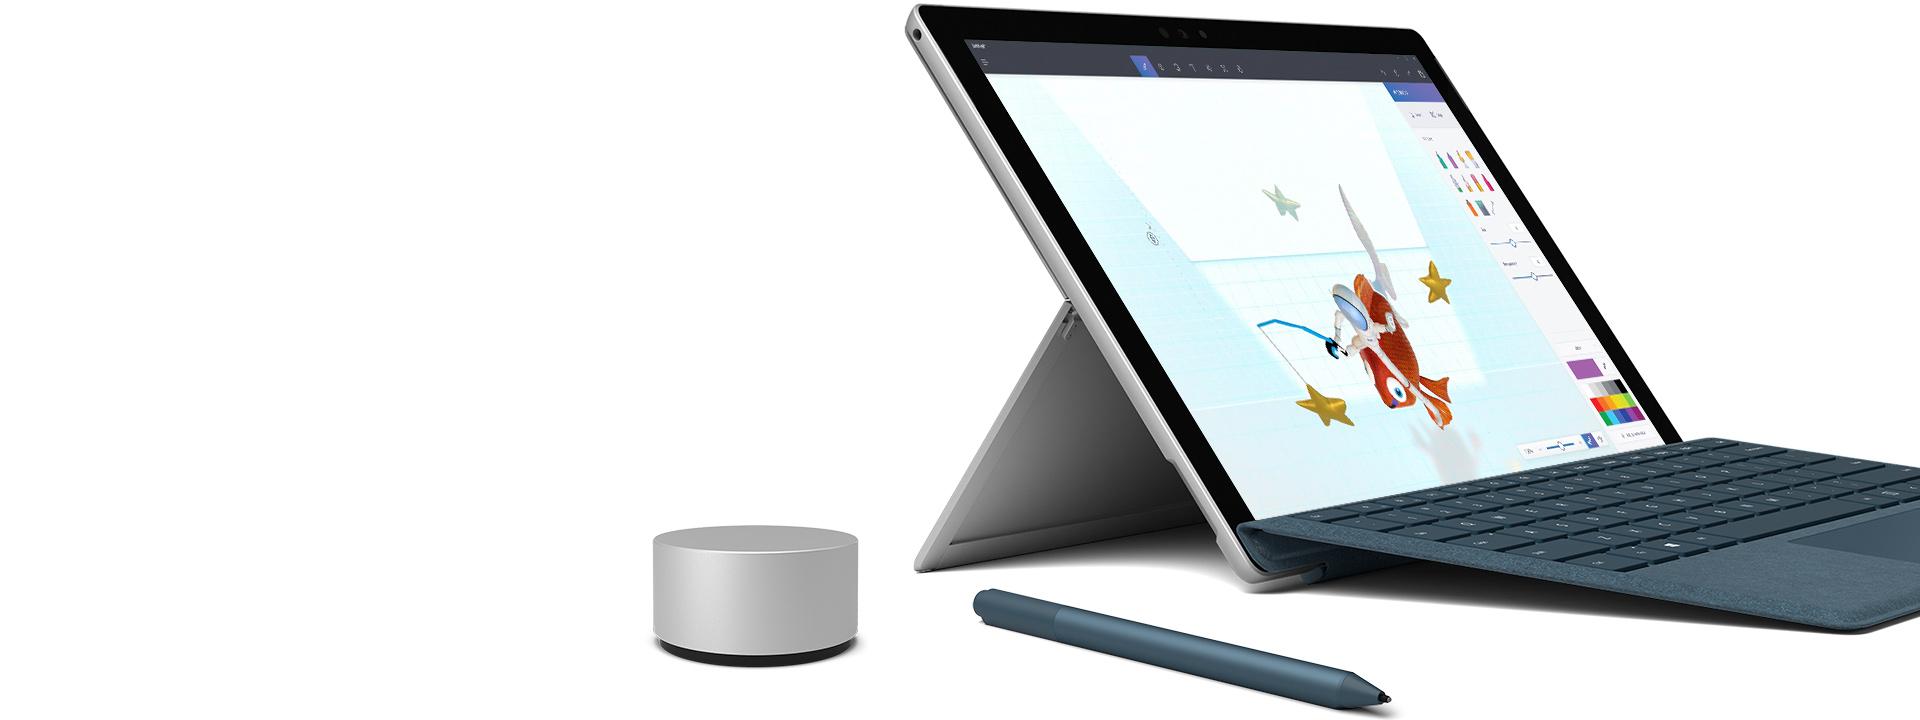 採用筆記型電腦模式的 Surface Pro 與 Surface Dial、手寫筆和實體鍵盤保護蓋。